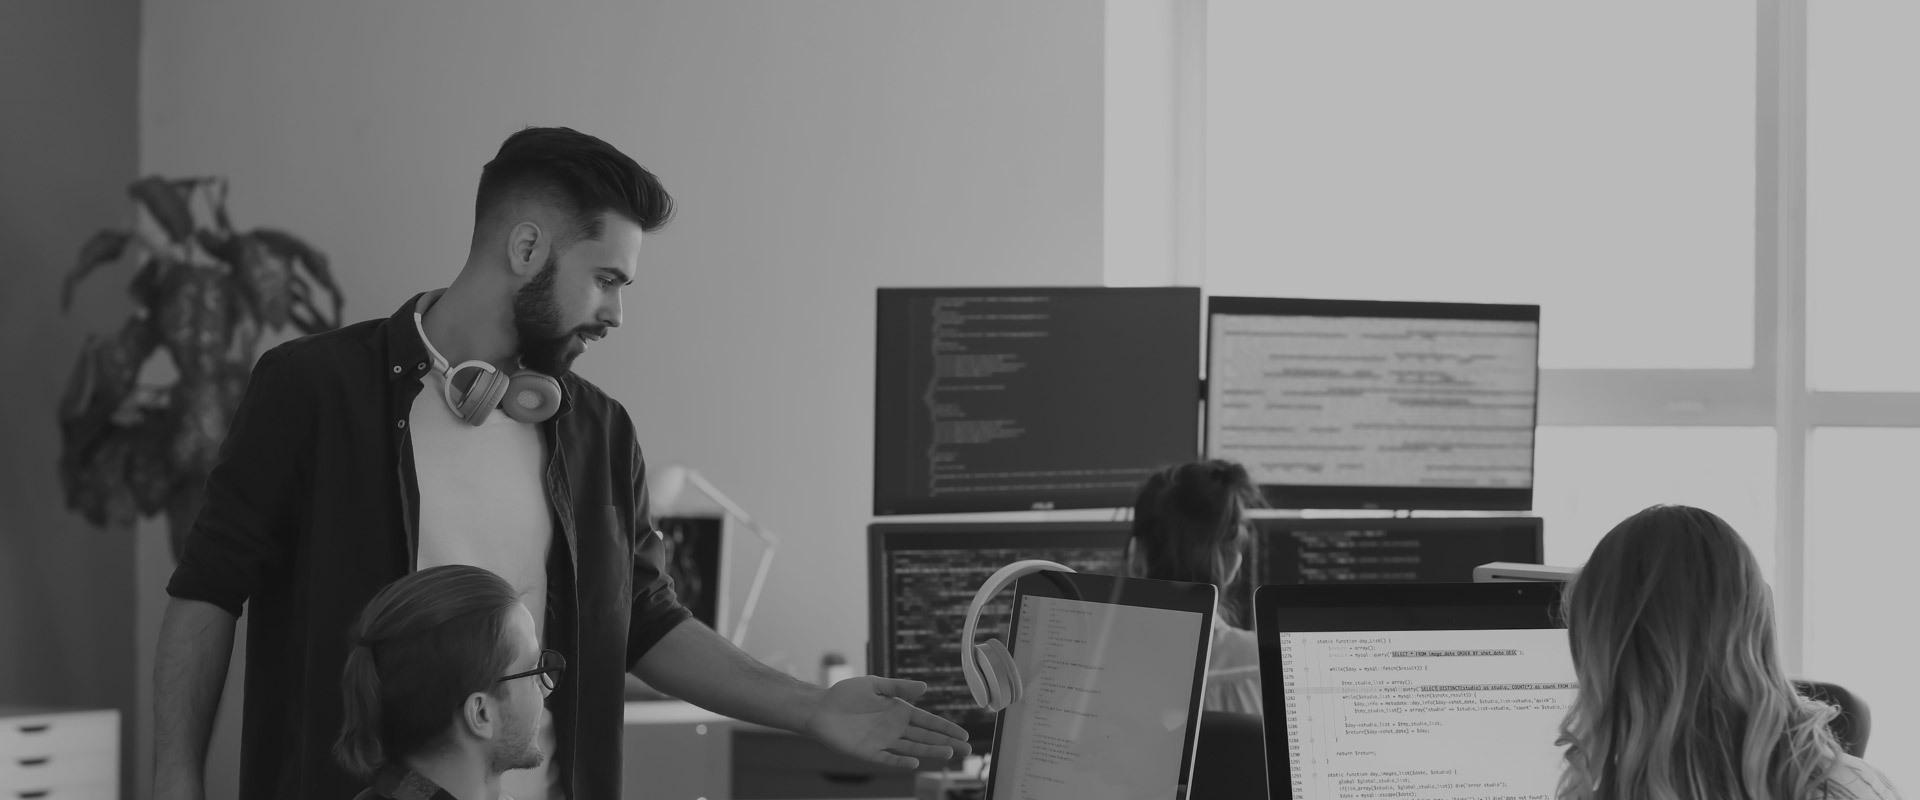 cshark_services_custom-software-development_bitmap-2-1